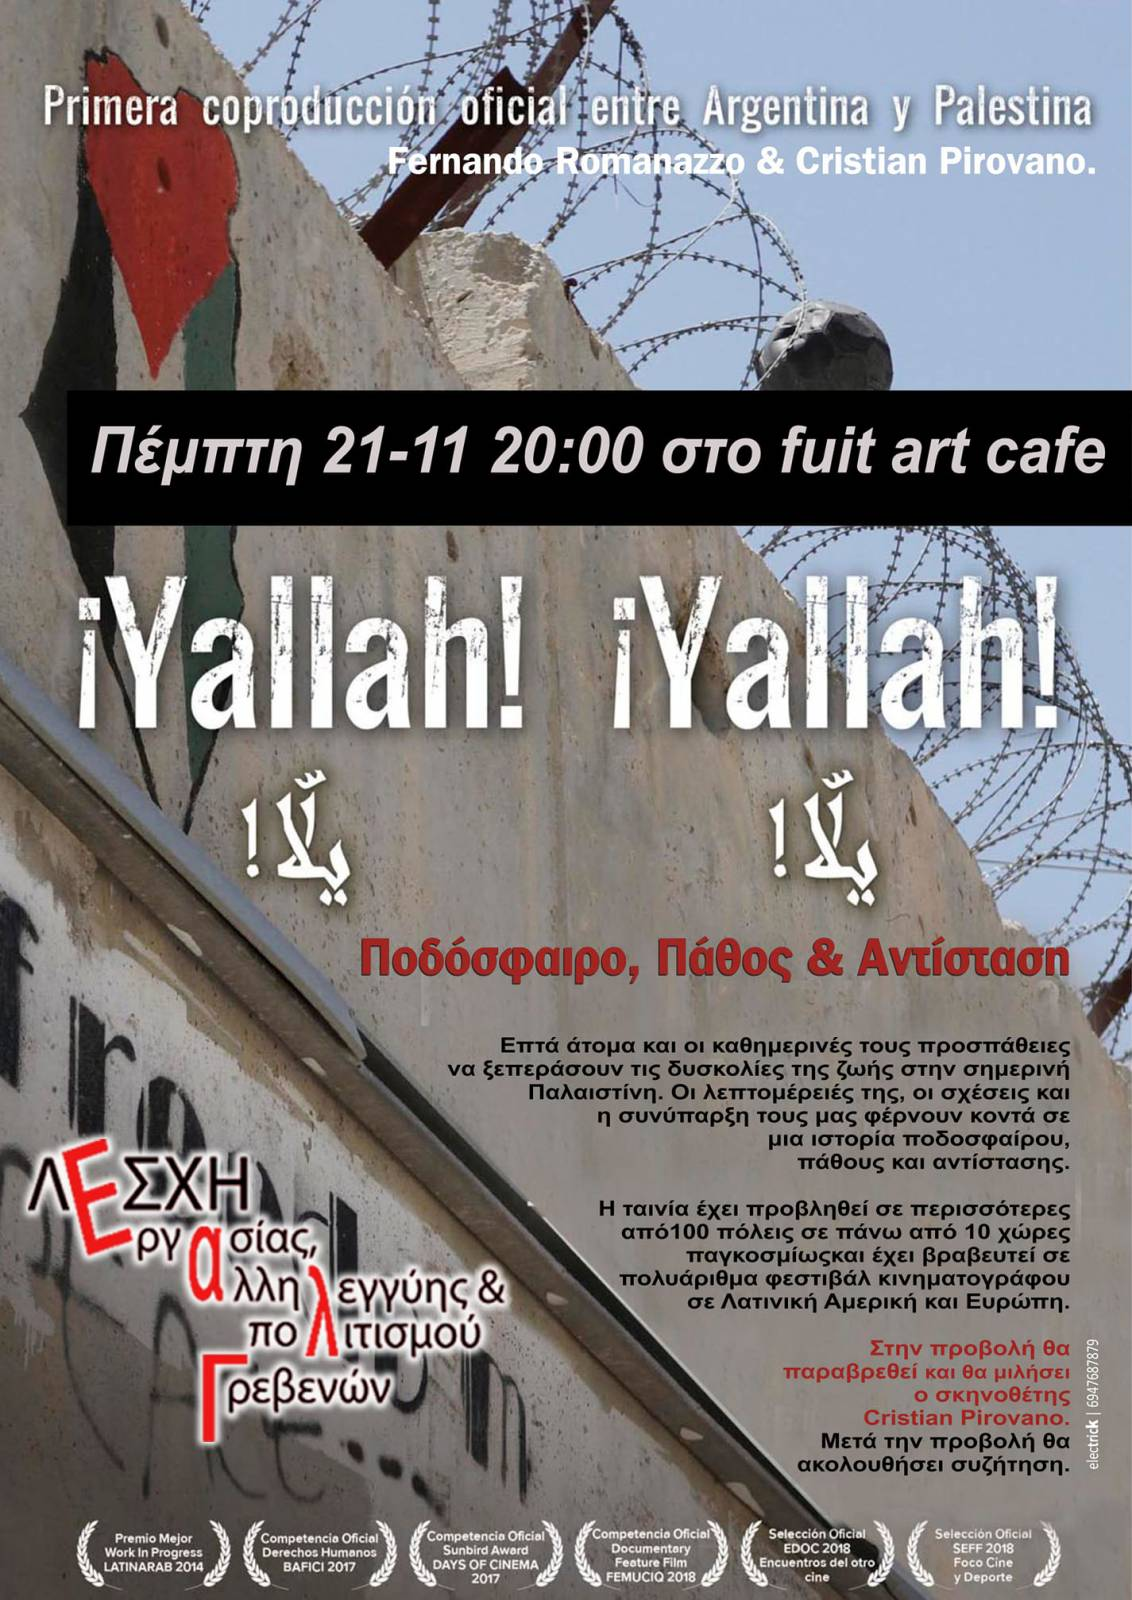 Προβολή ντοκιμαντέρ «¡Yallah!¡Yallah!: Ποδόσφαιρο,Πάθος και Αντίσταση!» σήμερα Πέμπτη 21 Νοεμβρίου στο fuit art cafe